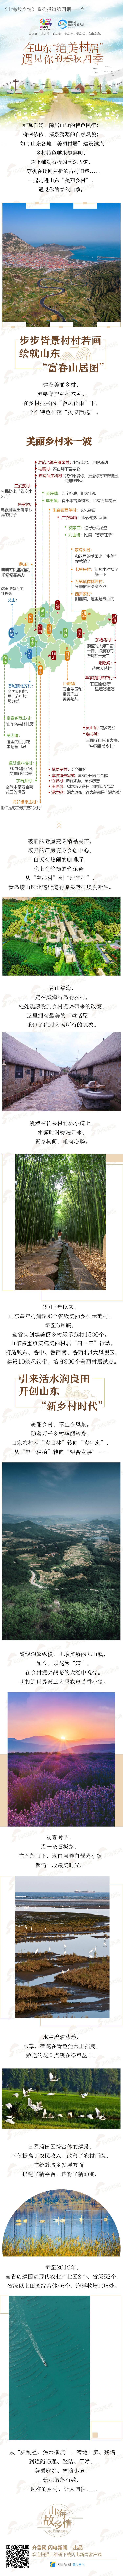 """山海故鄉情丨在山東""""美麗鄉村""""遇見你的春秋四季"""